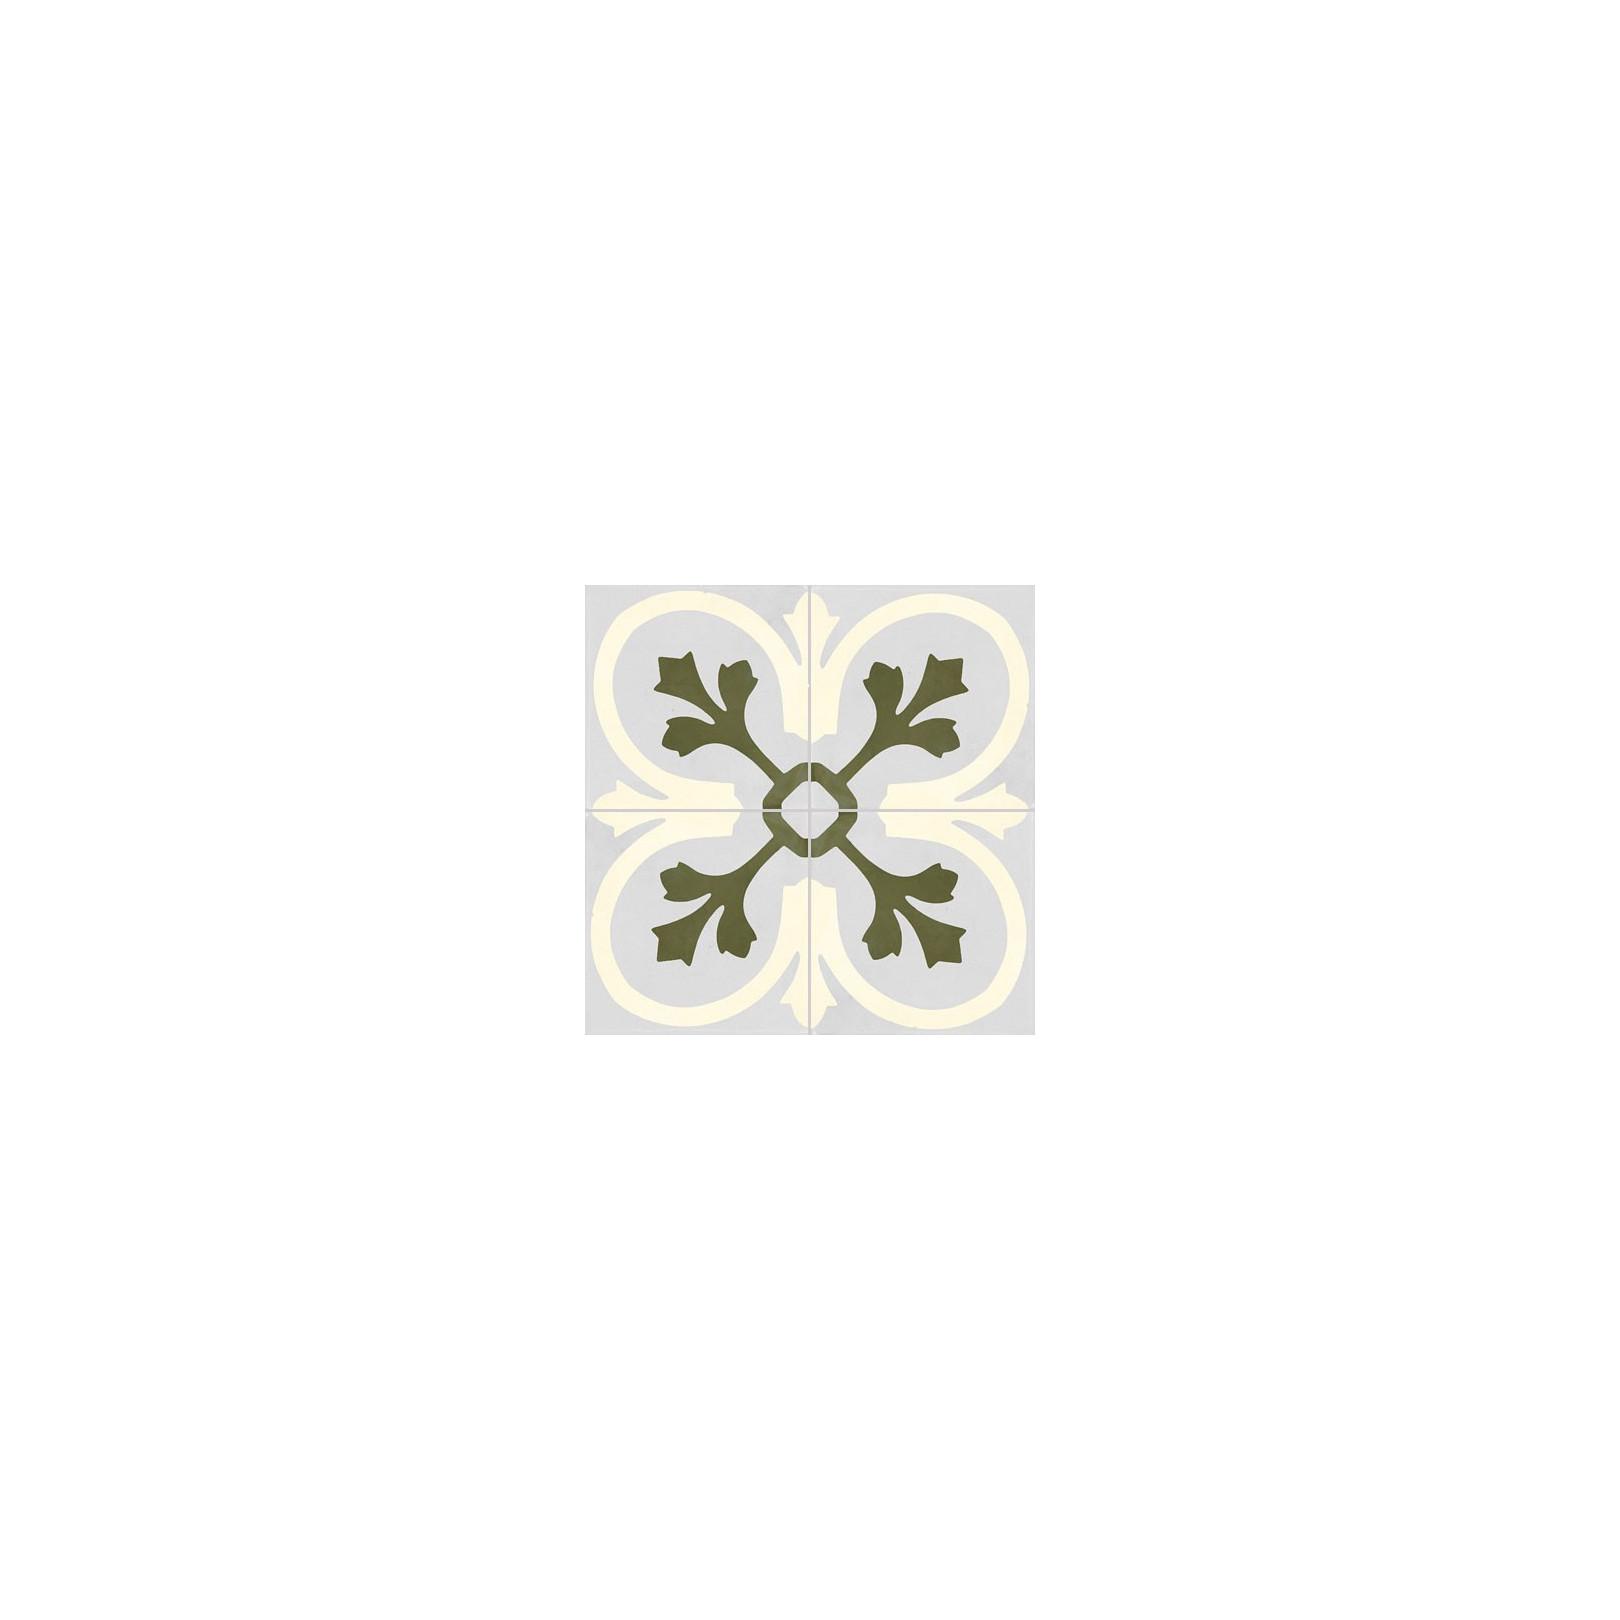 Carreau de ciment coloré motif 4 carreaux bleu ciel, blanc et vert T32 07.10.22